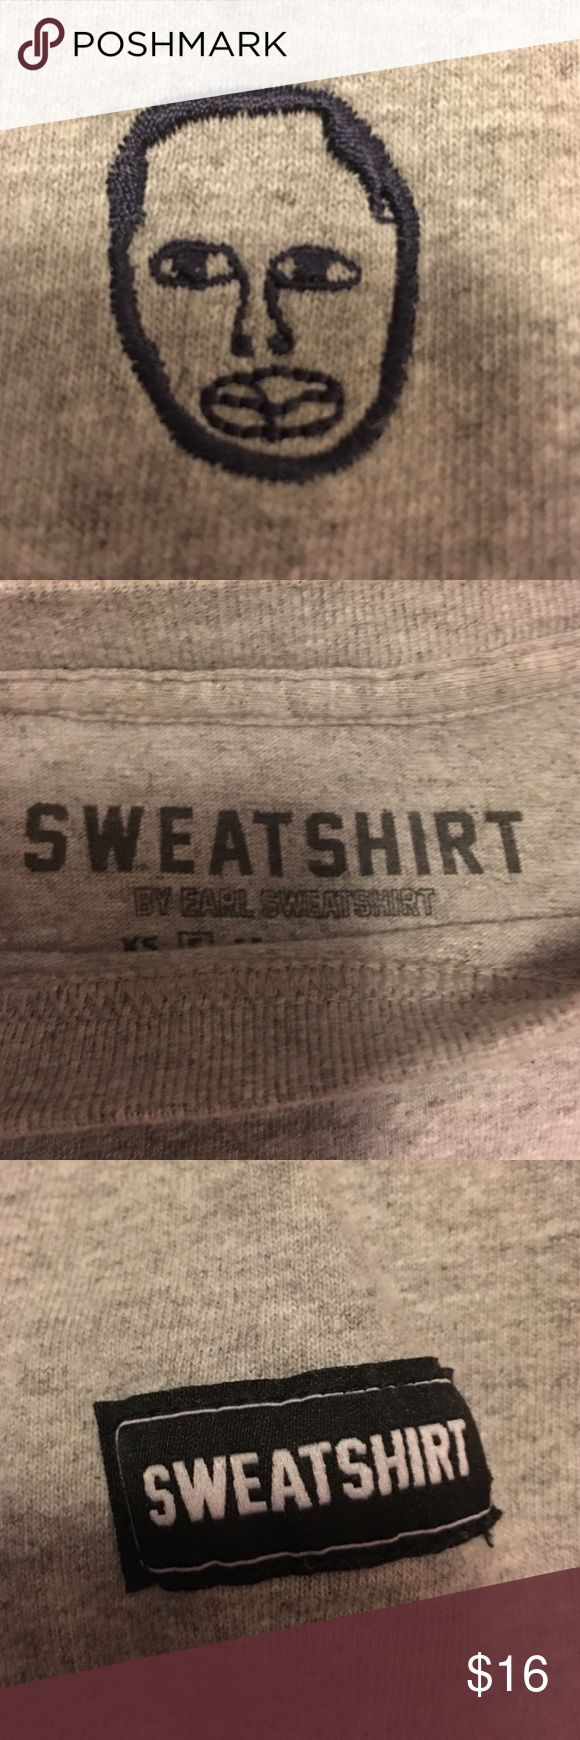 Earl Sweatshirt shirt Grey tee-shirt with blue Earl logo on front. Zumiez Tops Tees - Short Sleeve